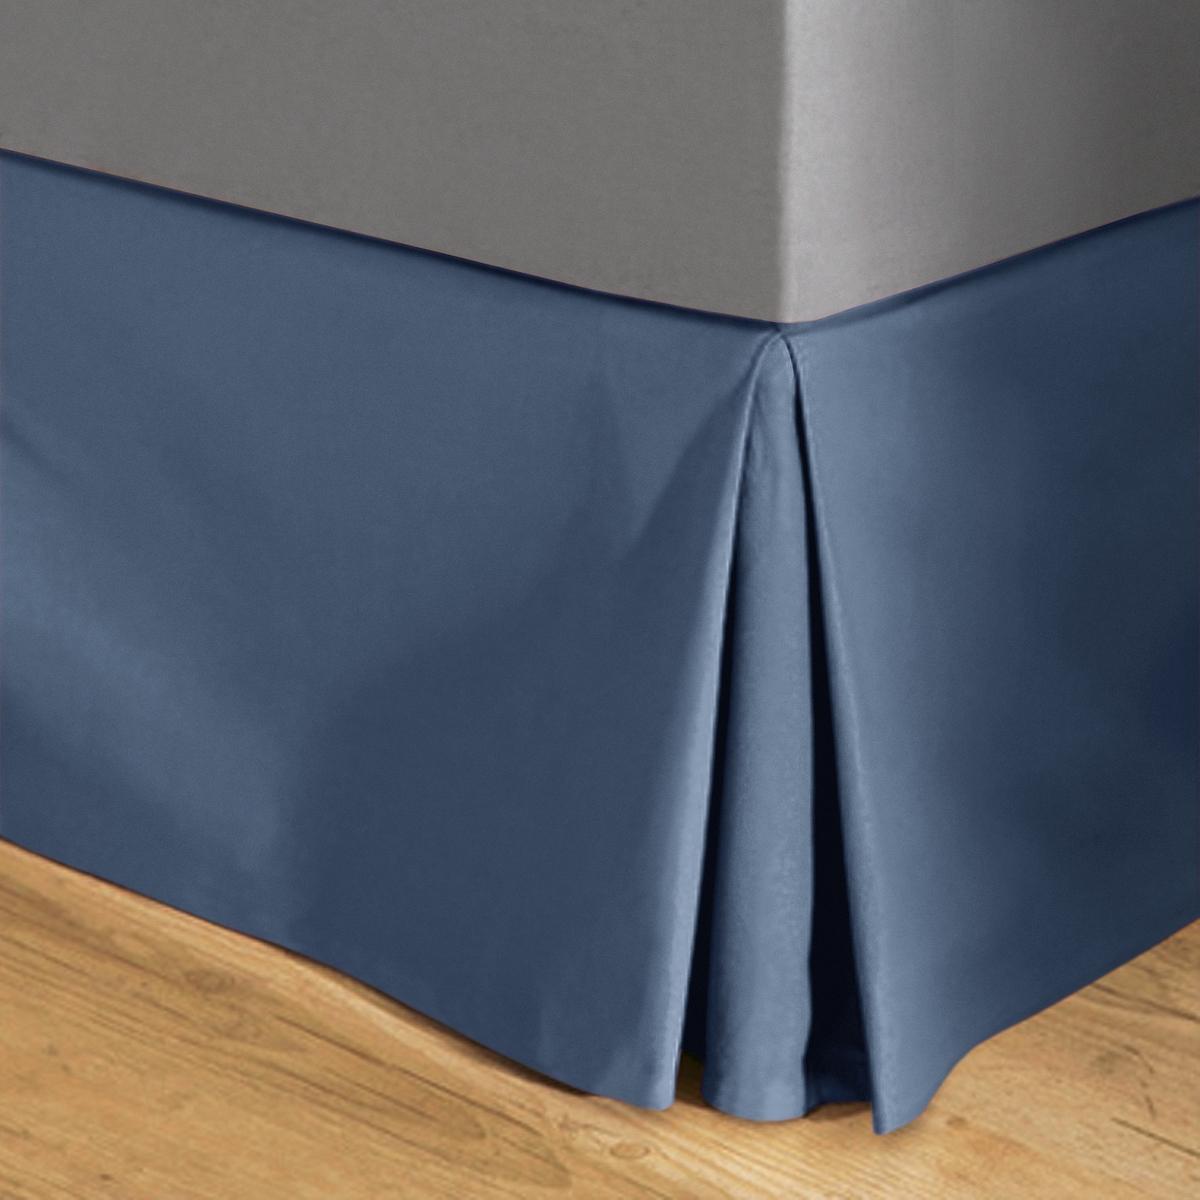 Наматрасник La Redoute La Redoute 140 x 190 см синий наматрасник la redoute тонкий толщина см nizami 180 x 200 см синий